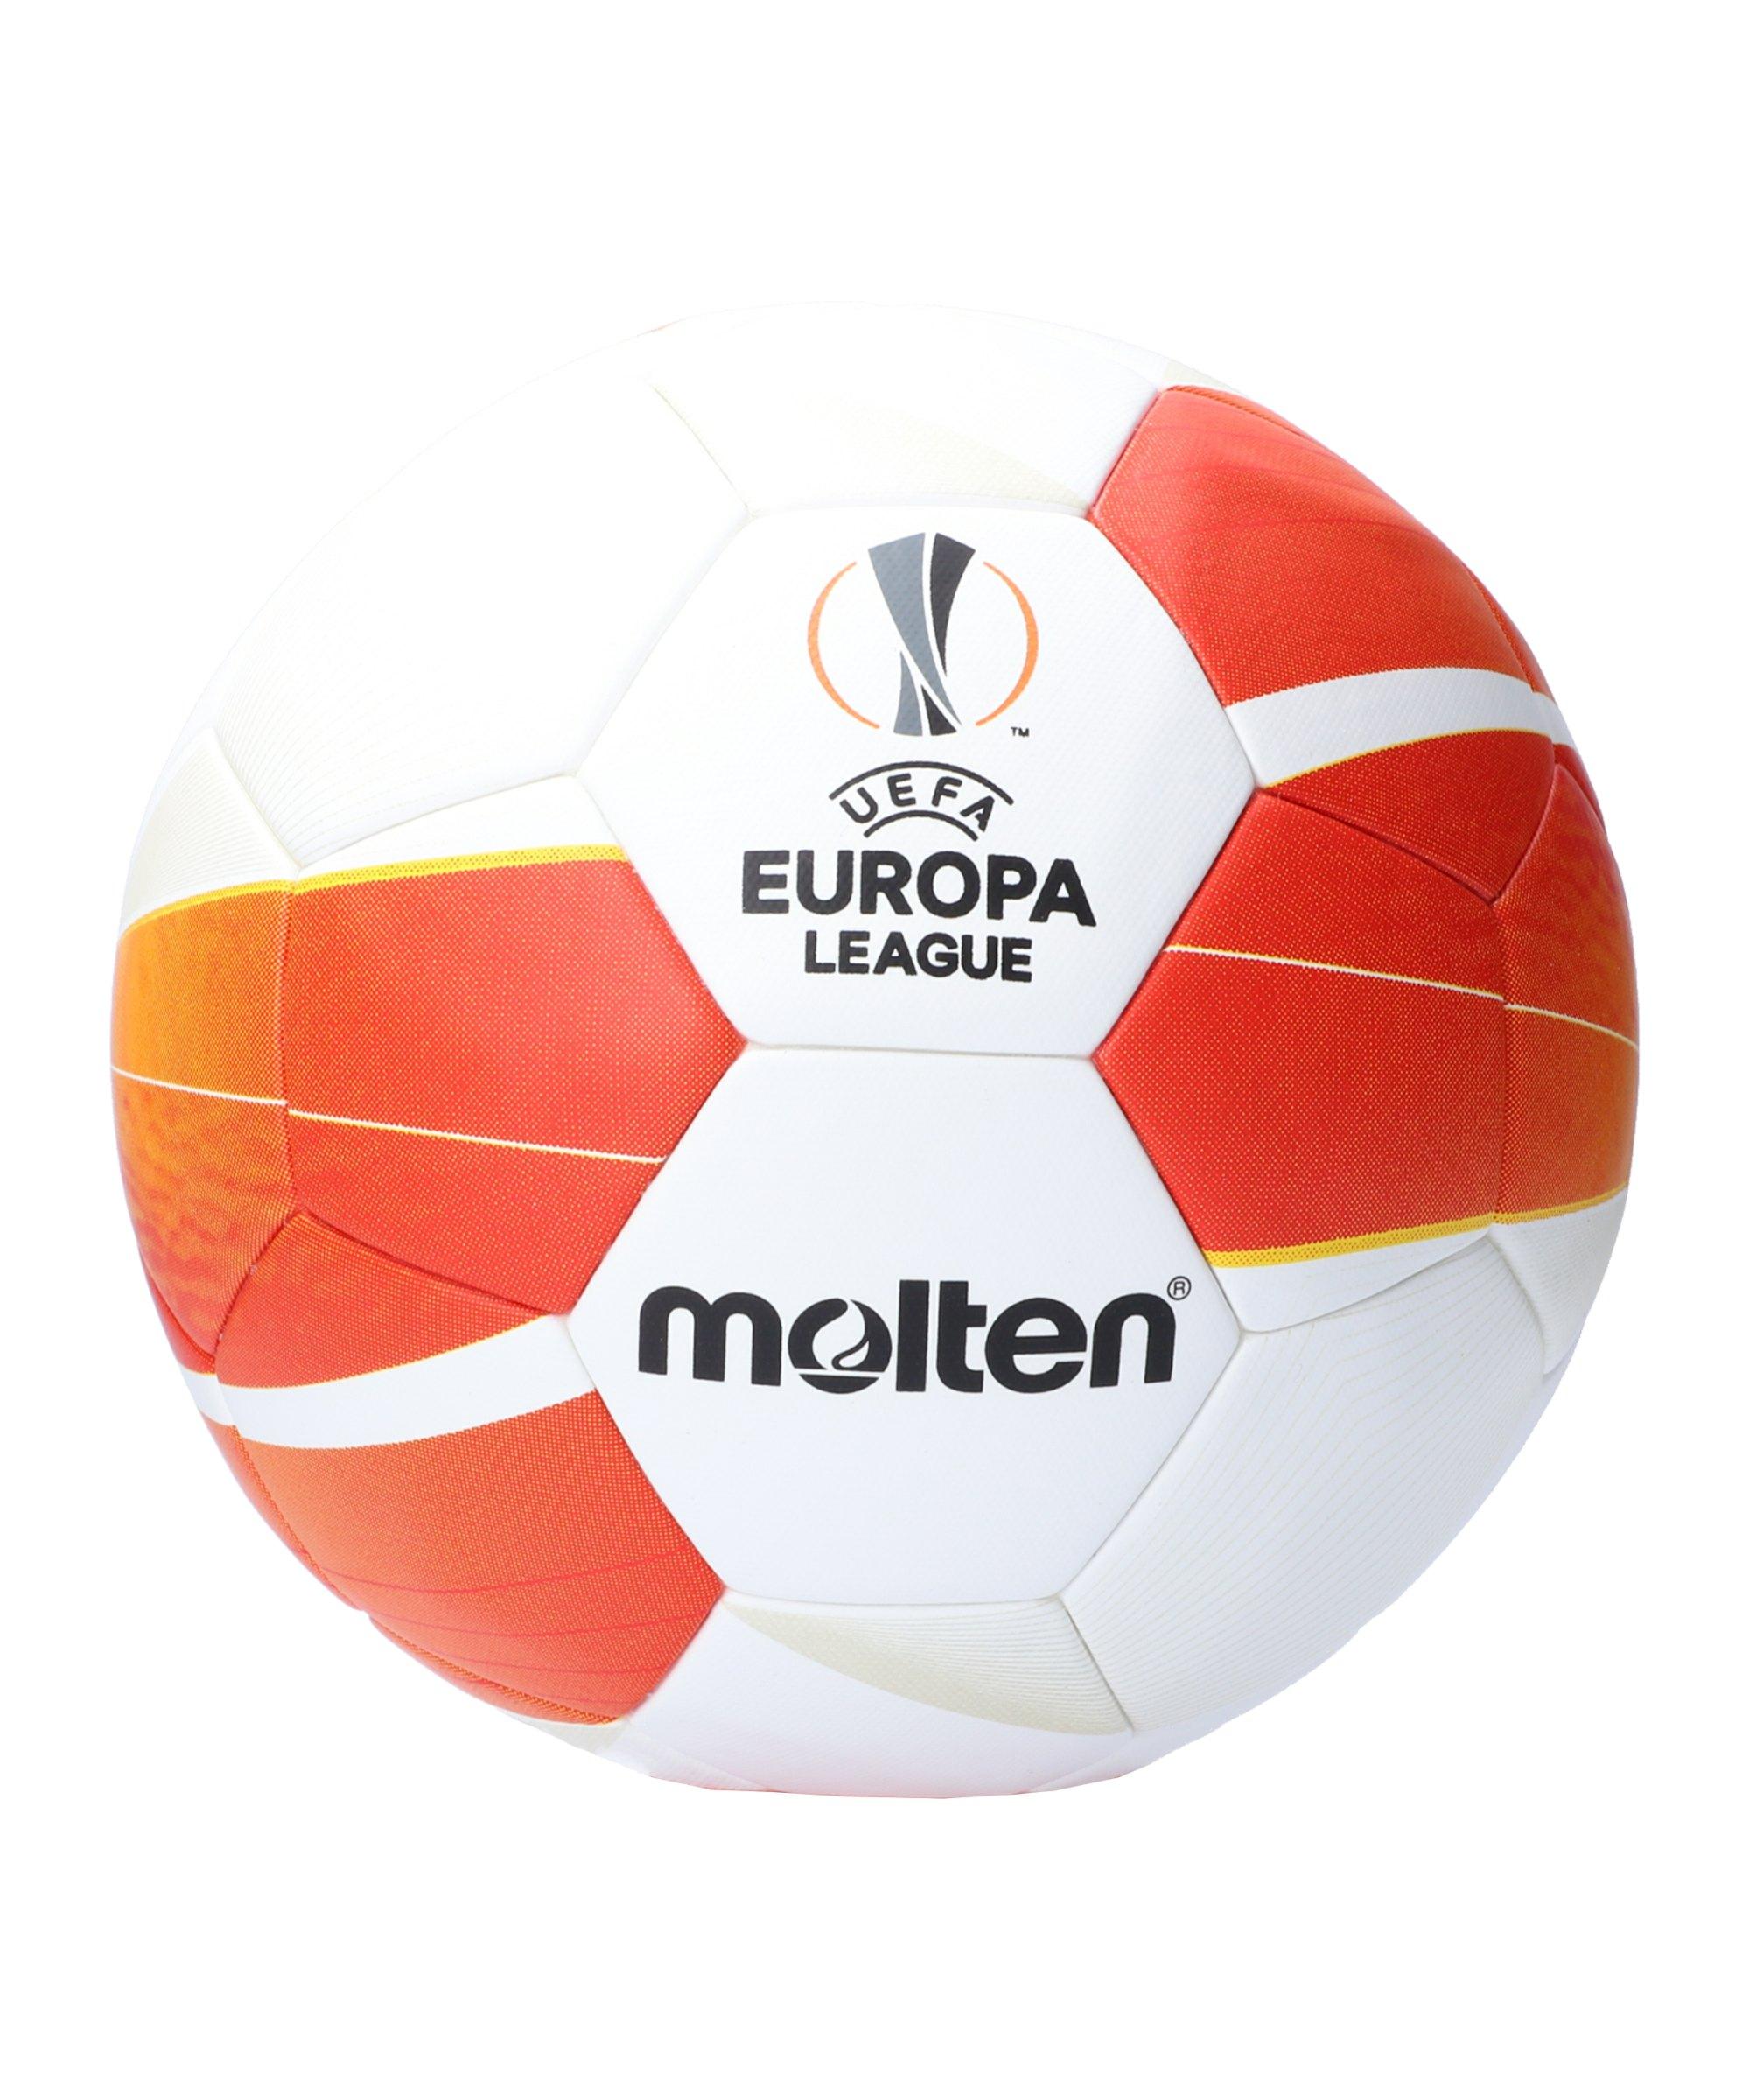 Molten UEFA Europa League 20/21 Spielball Weiss - weiss